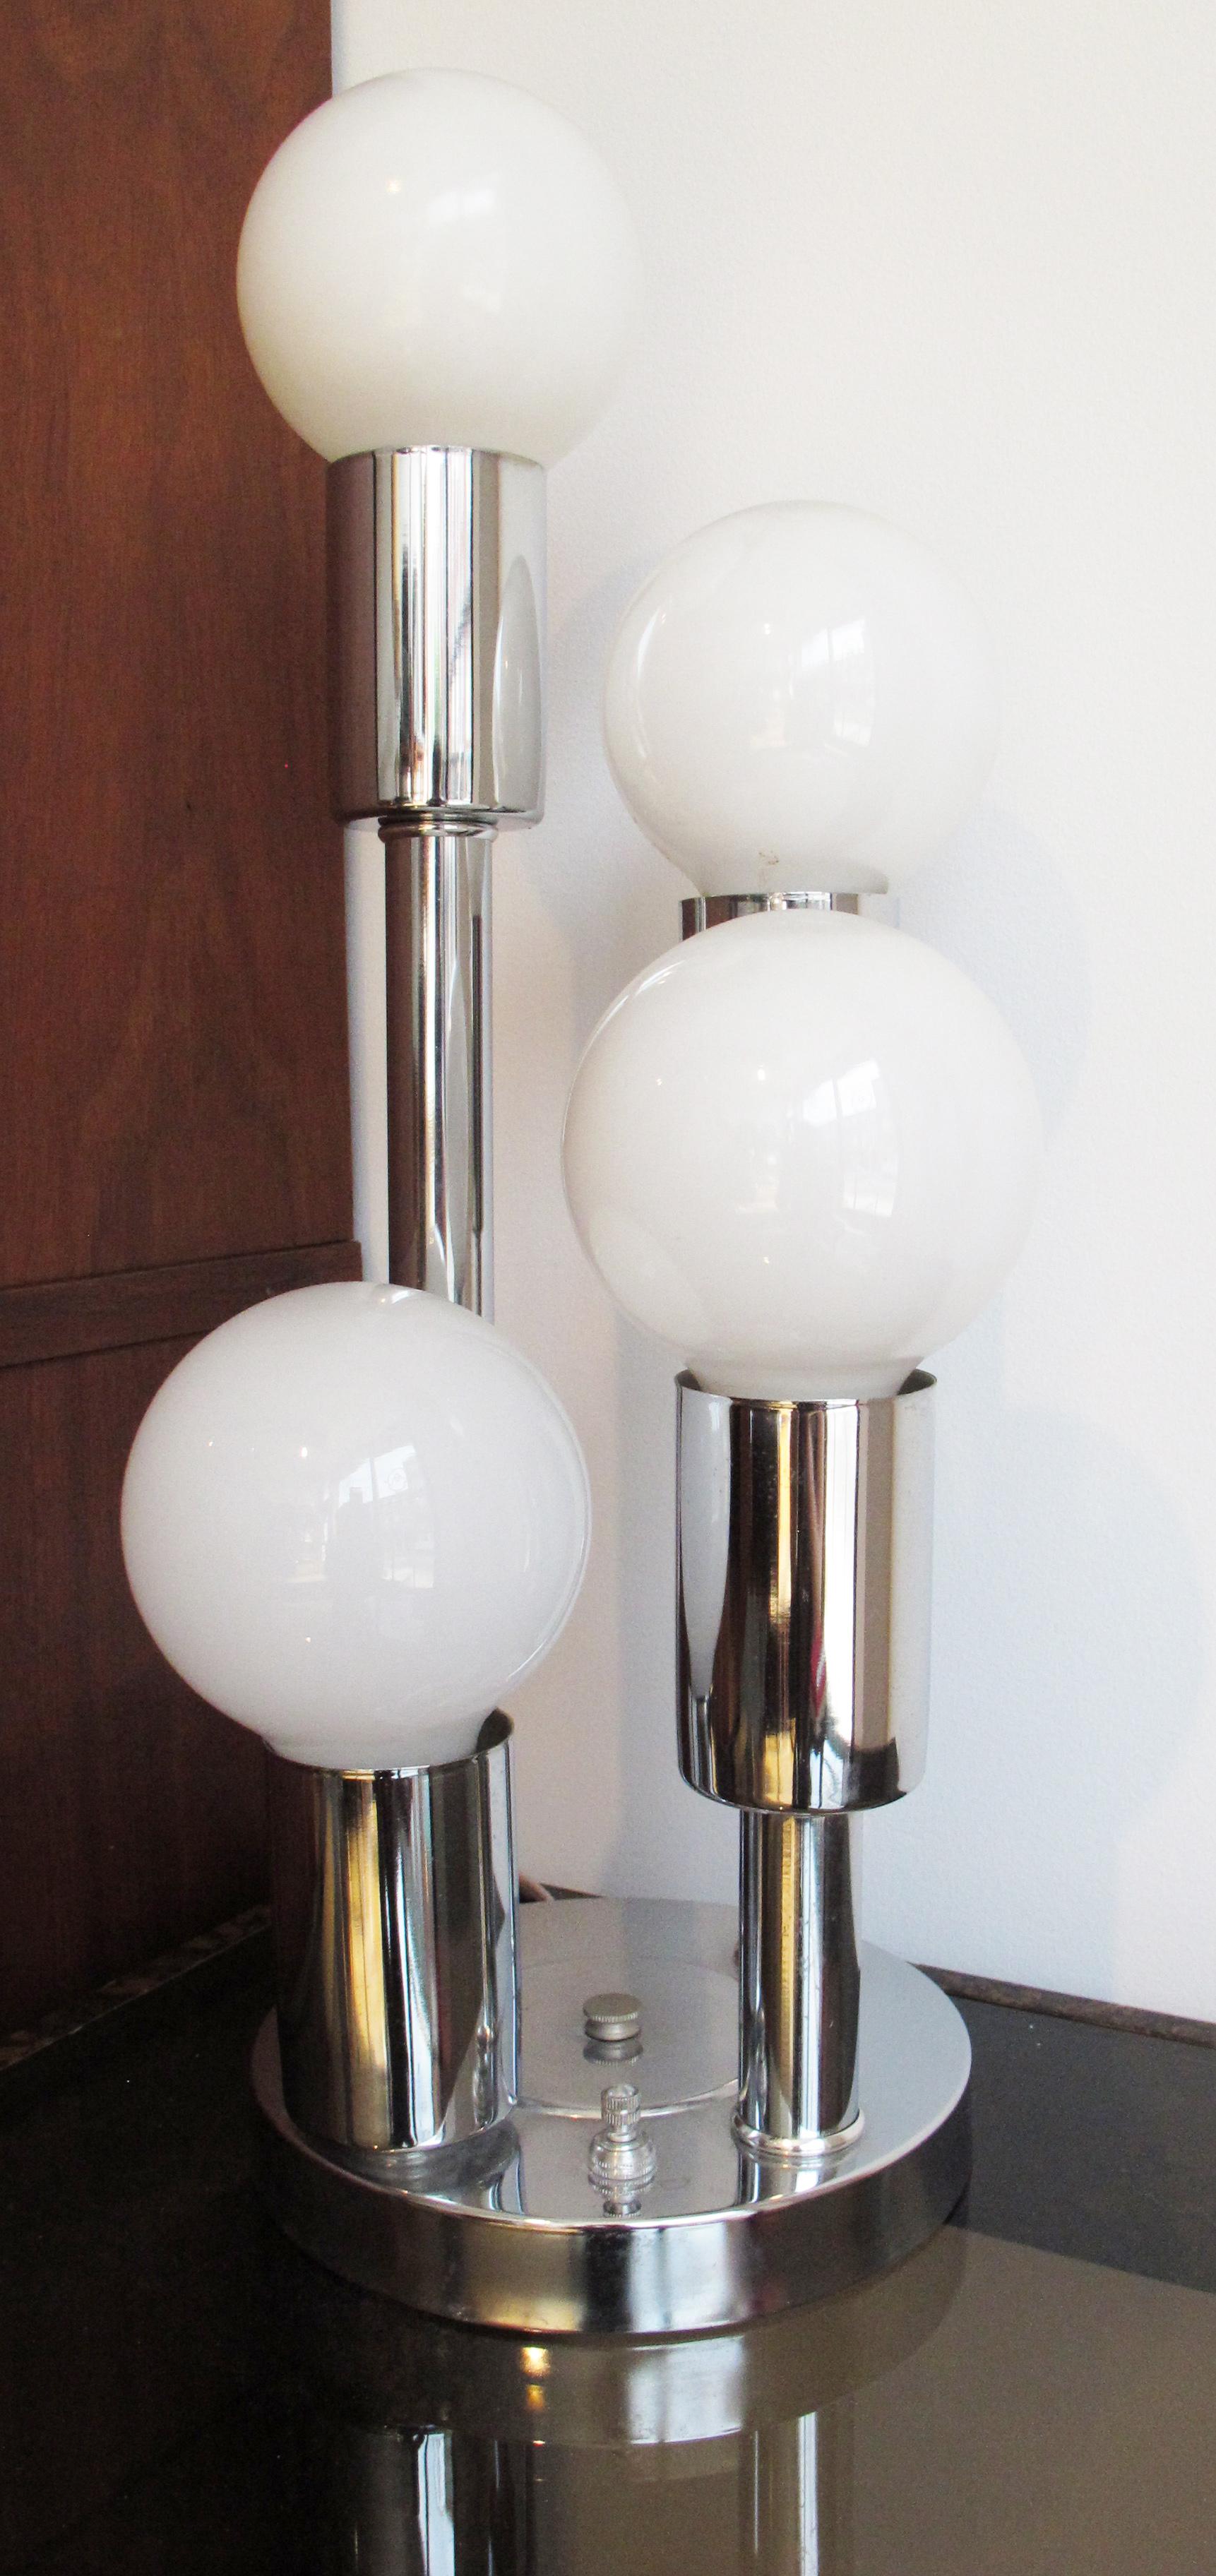 MID CENTURY CHROME TABLE LAMP WITH BALL LIGHTBULBS